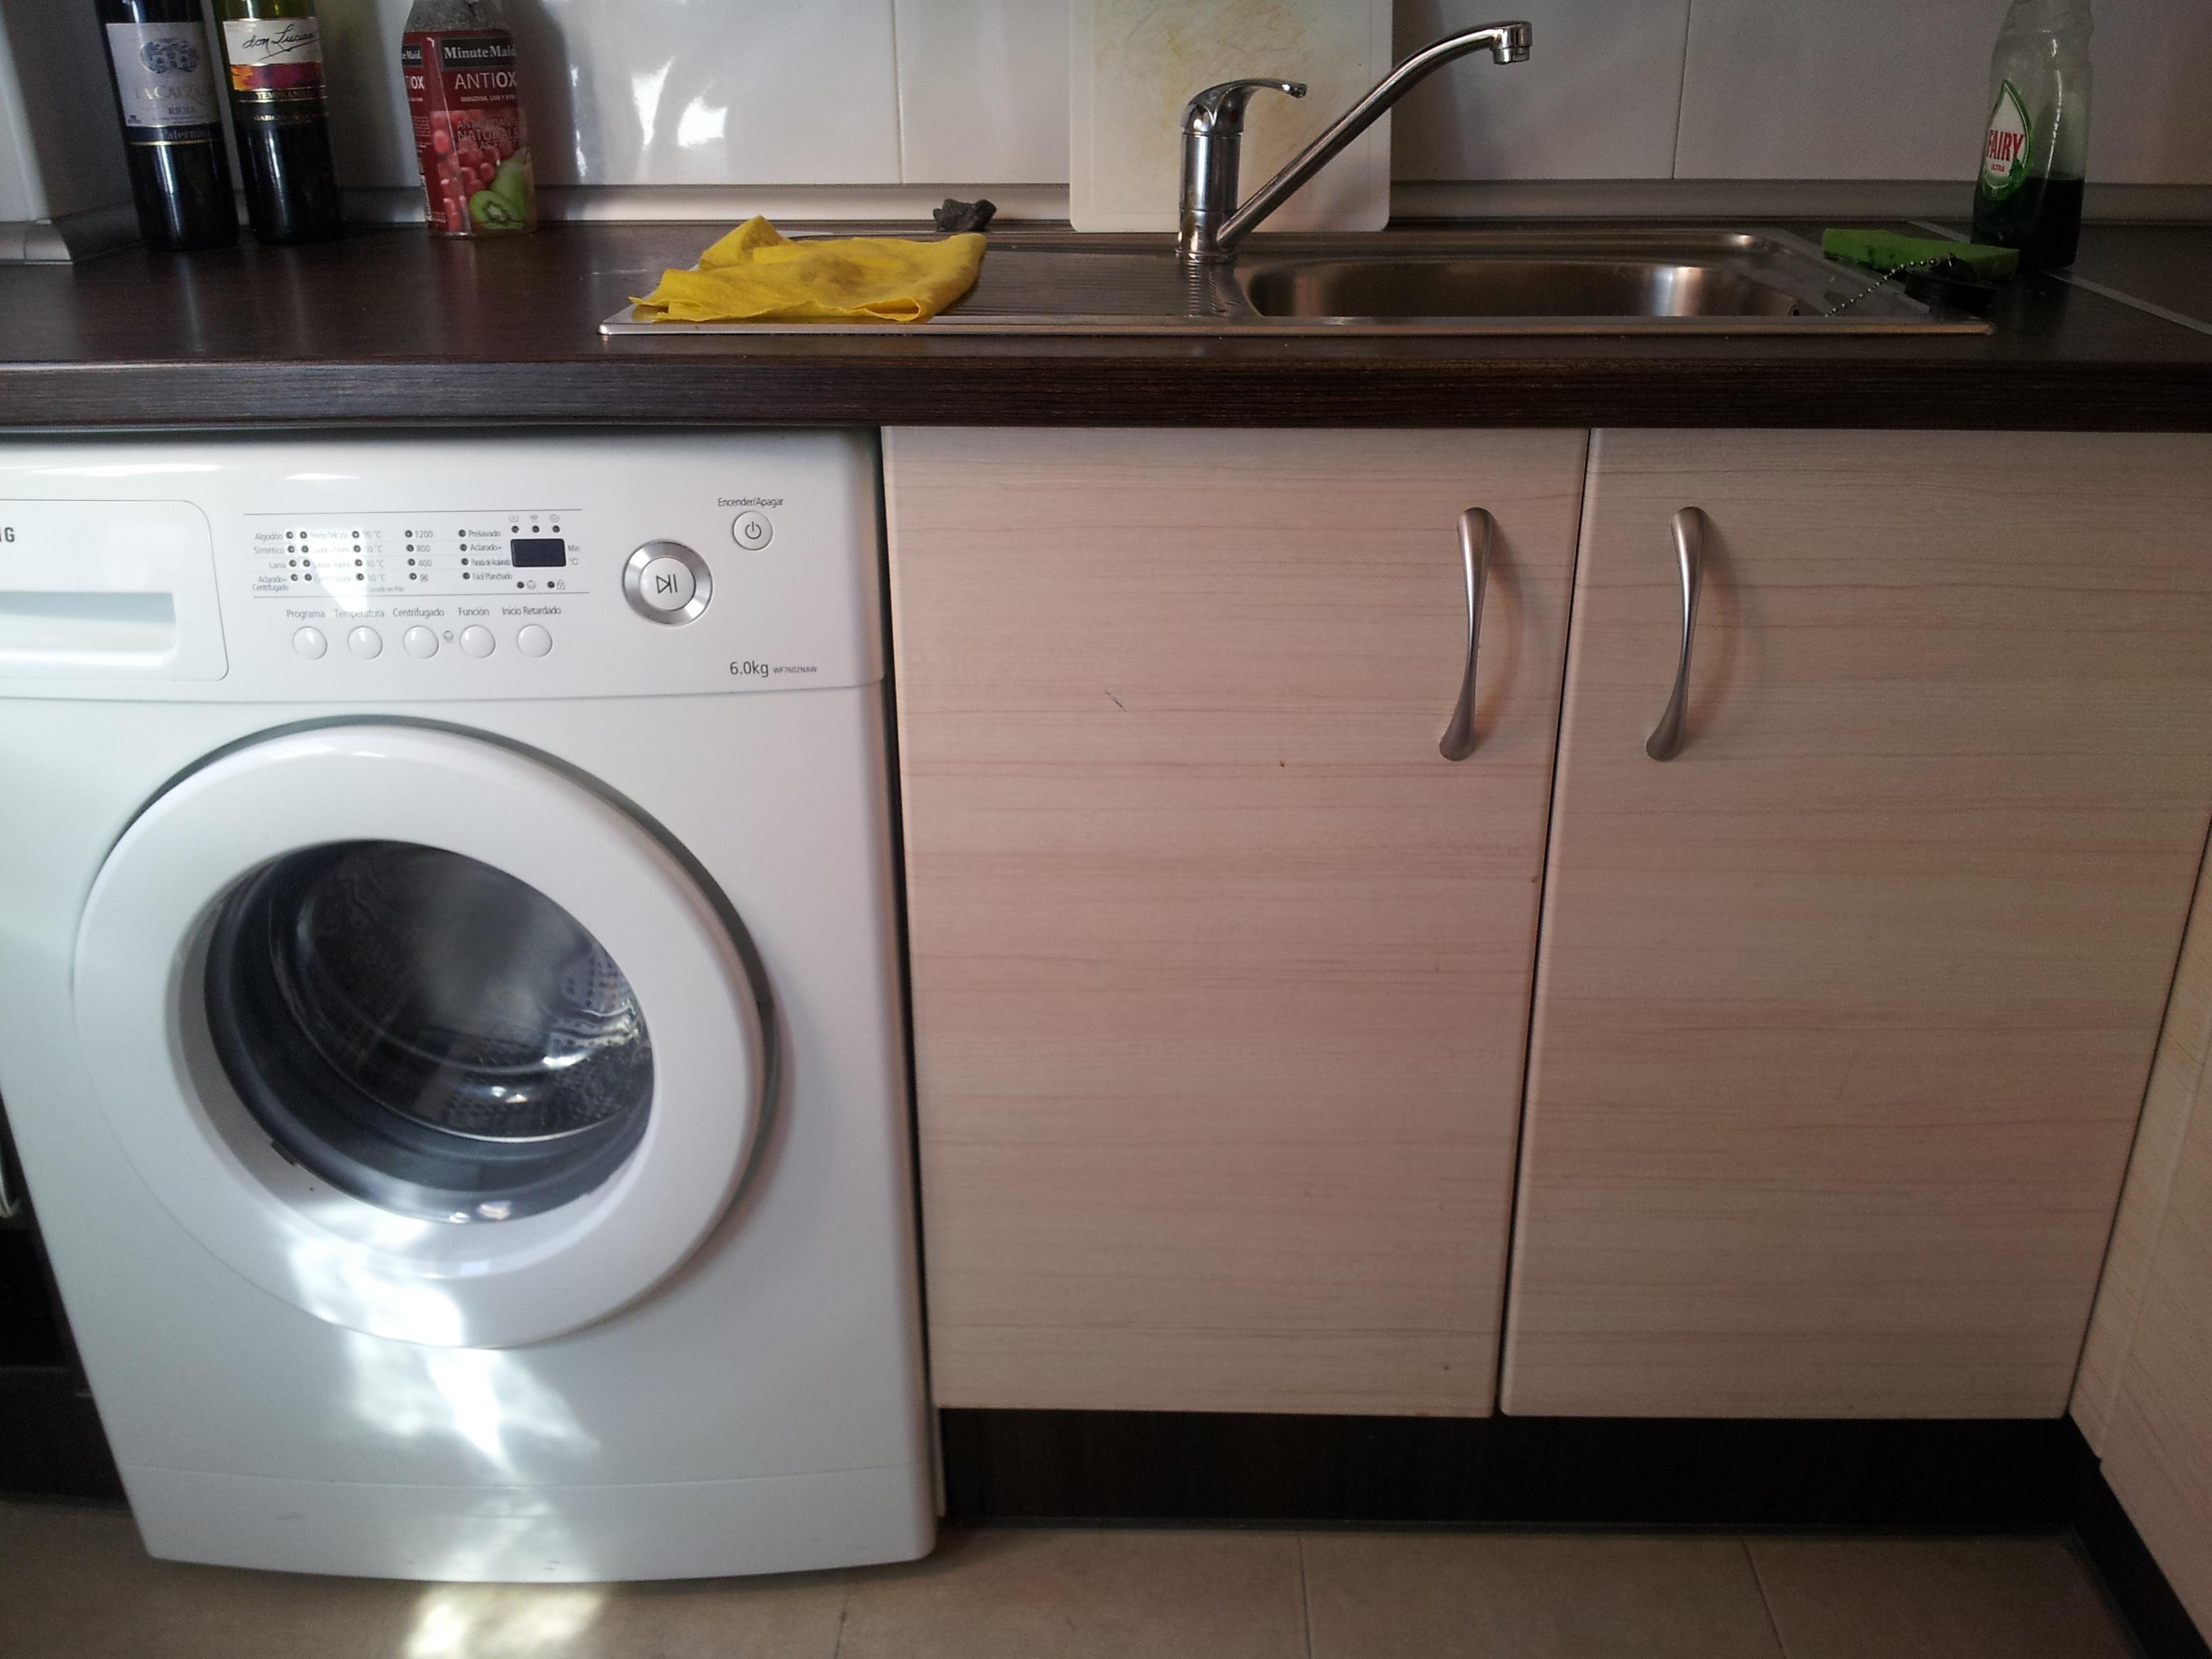 #A68325 Era uma casa muito engraçada   3264x2448 px Banheiros Pequenos Com Maquina De Lavar 513